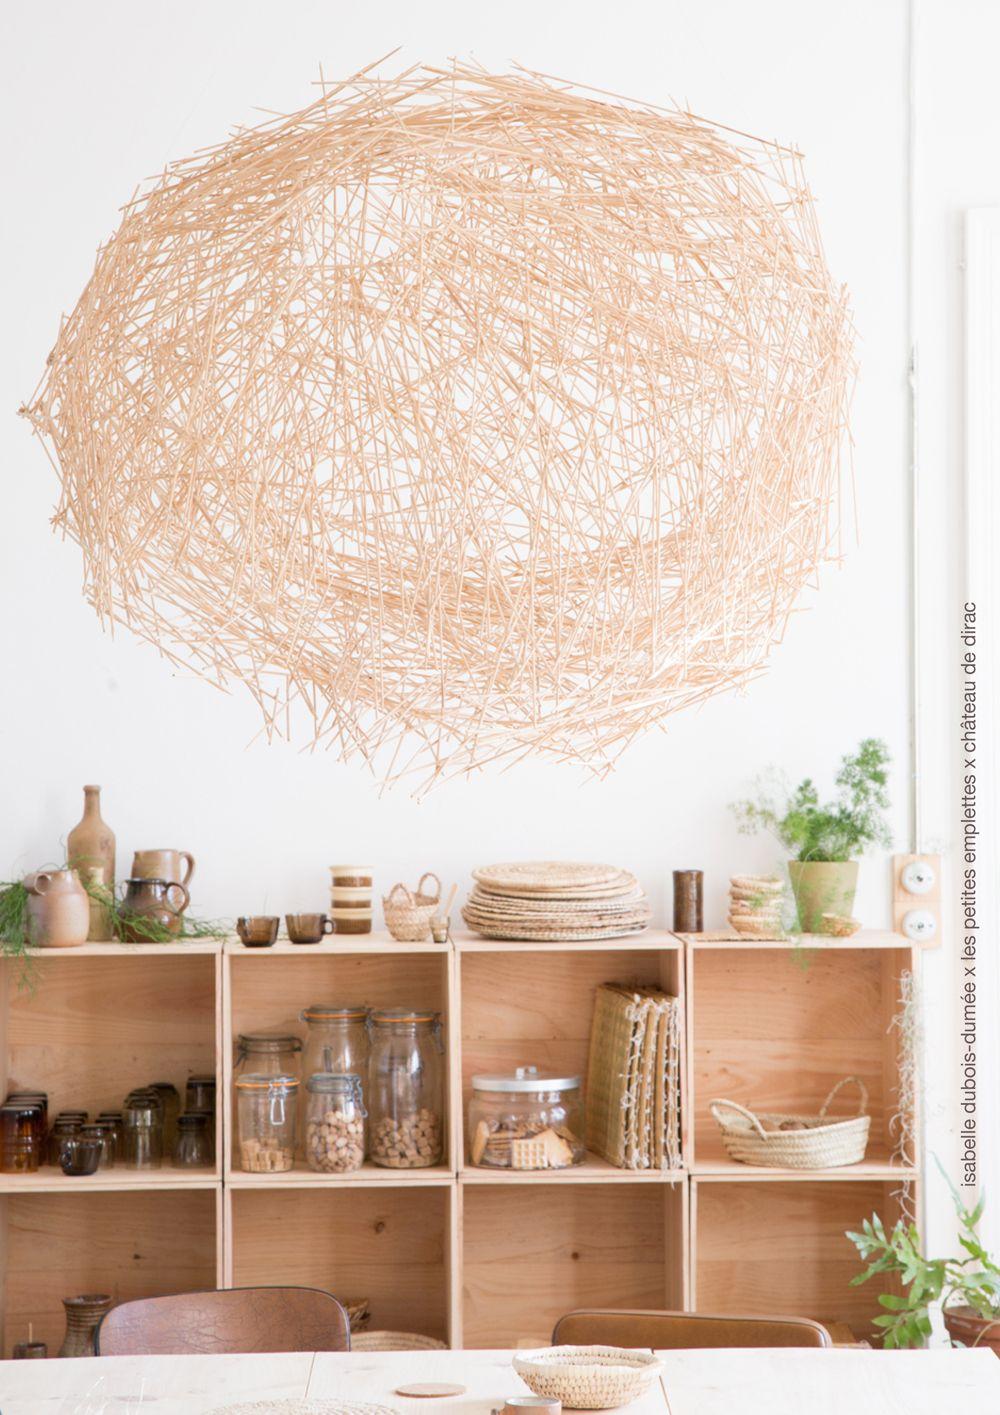 xl wood boxes les petites emplettes design stylism photo by isabelle dubois dum e petites. Black Bedroom Furniture Sets. Home Design Ideas